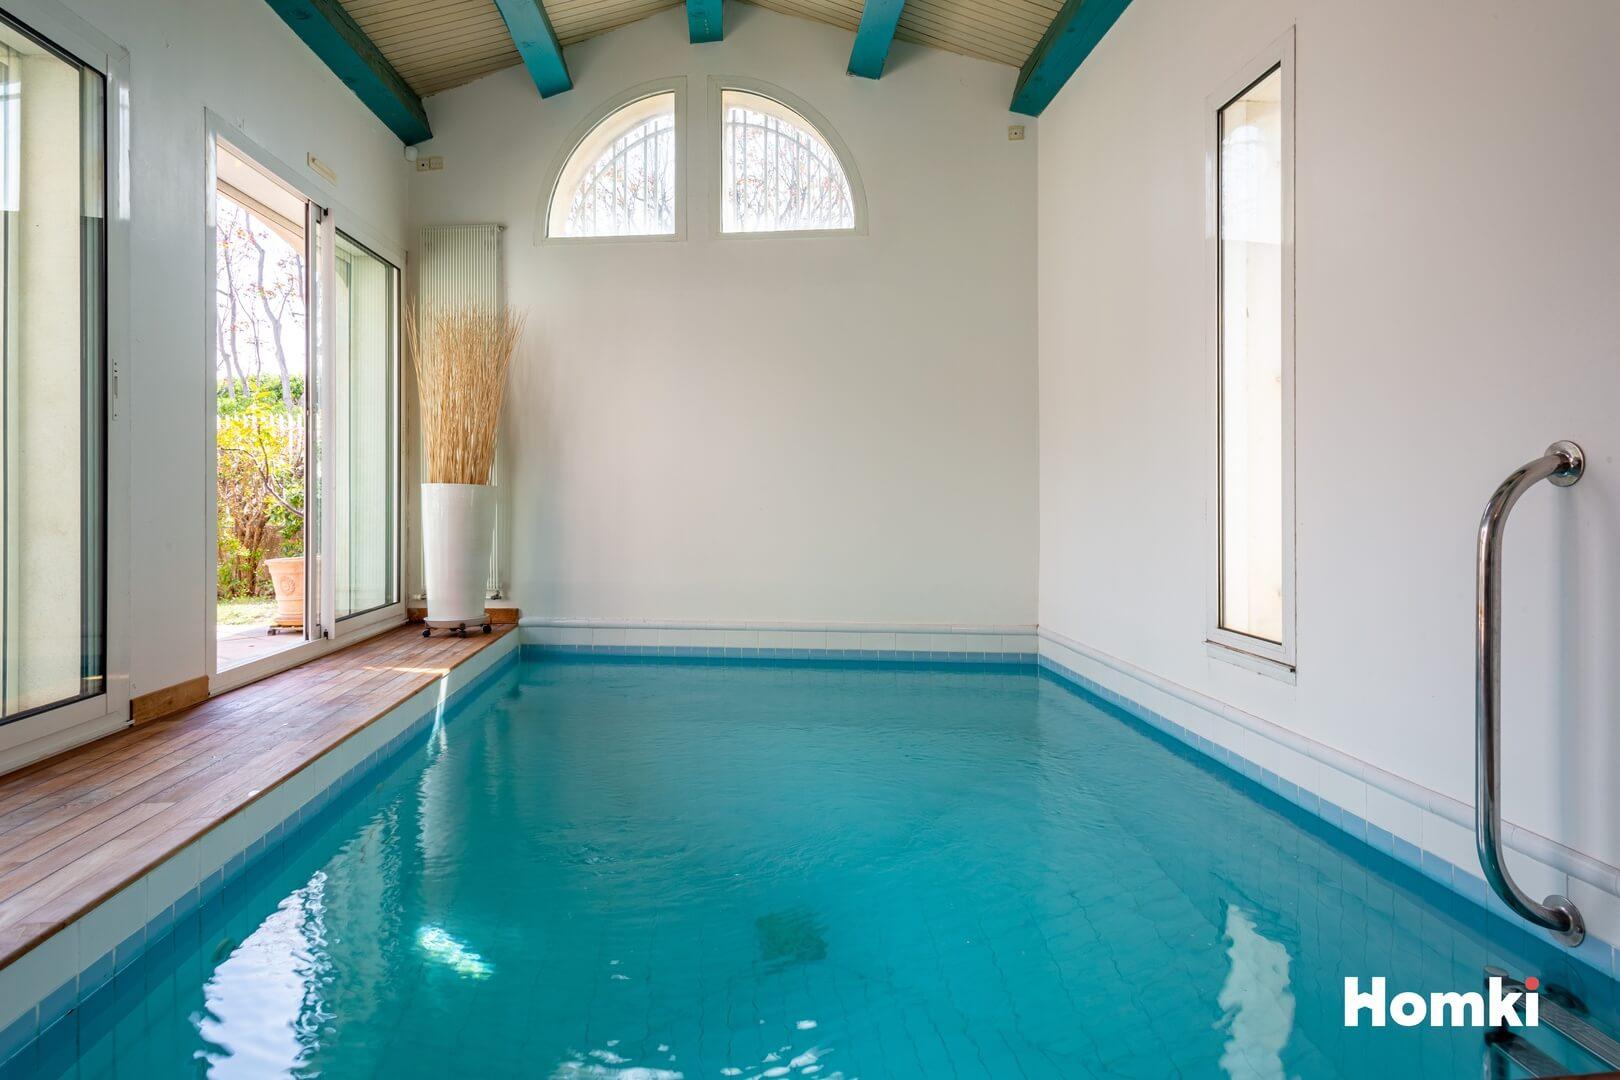 Homki - Vente Maison/villa  de 180.0 m² à Marseille 13008